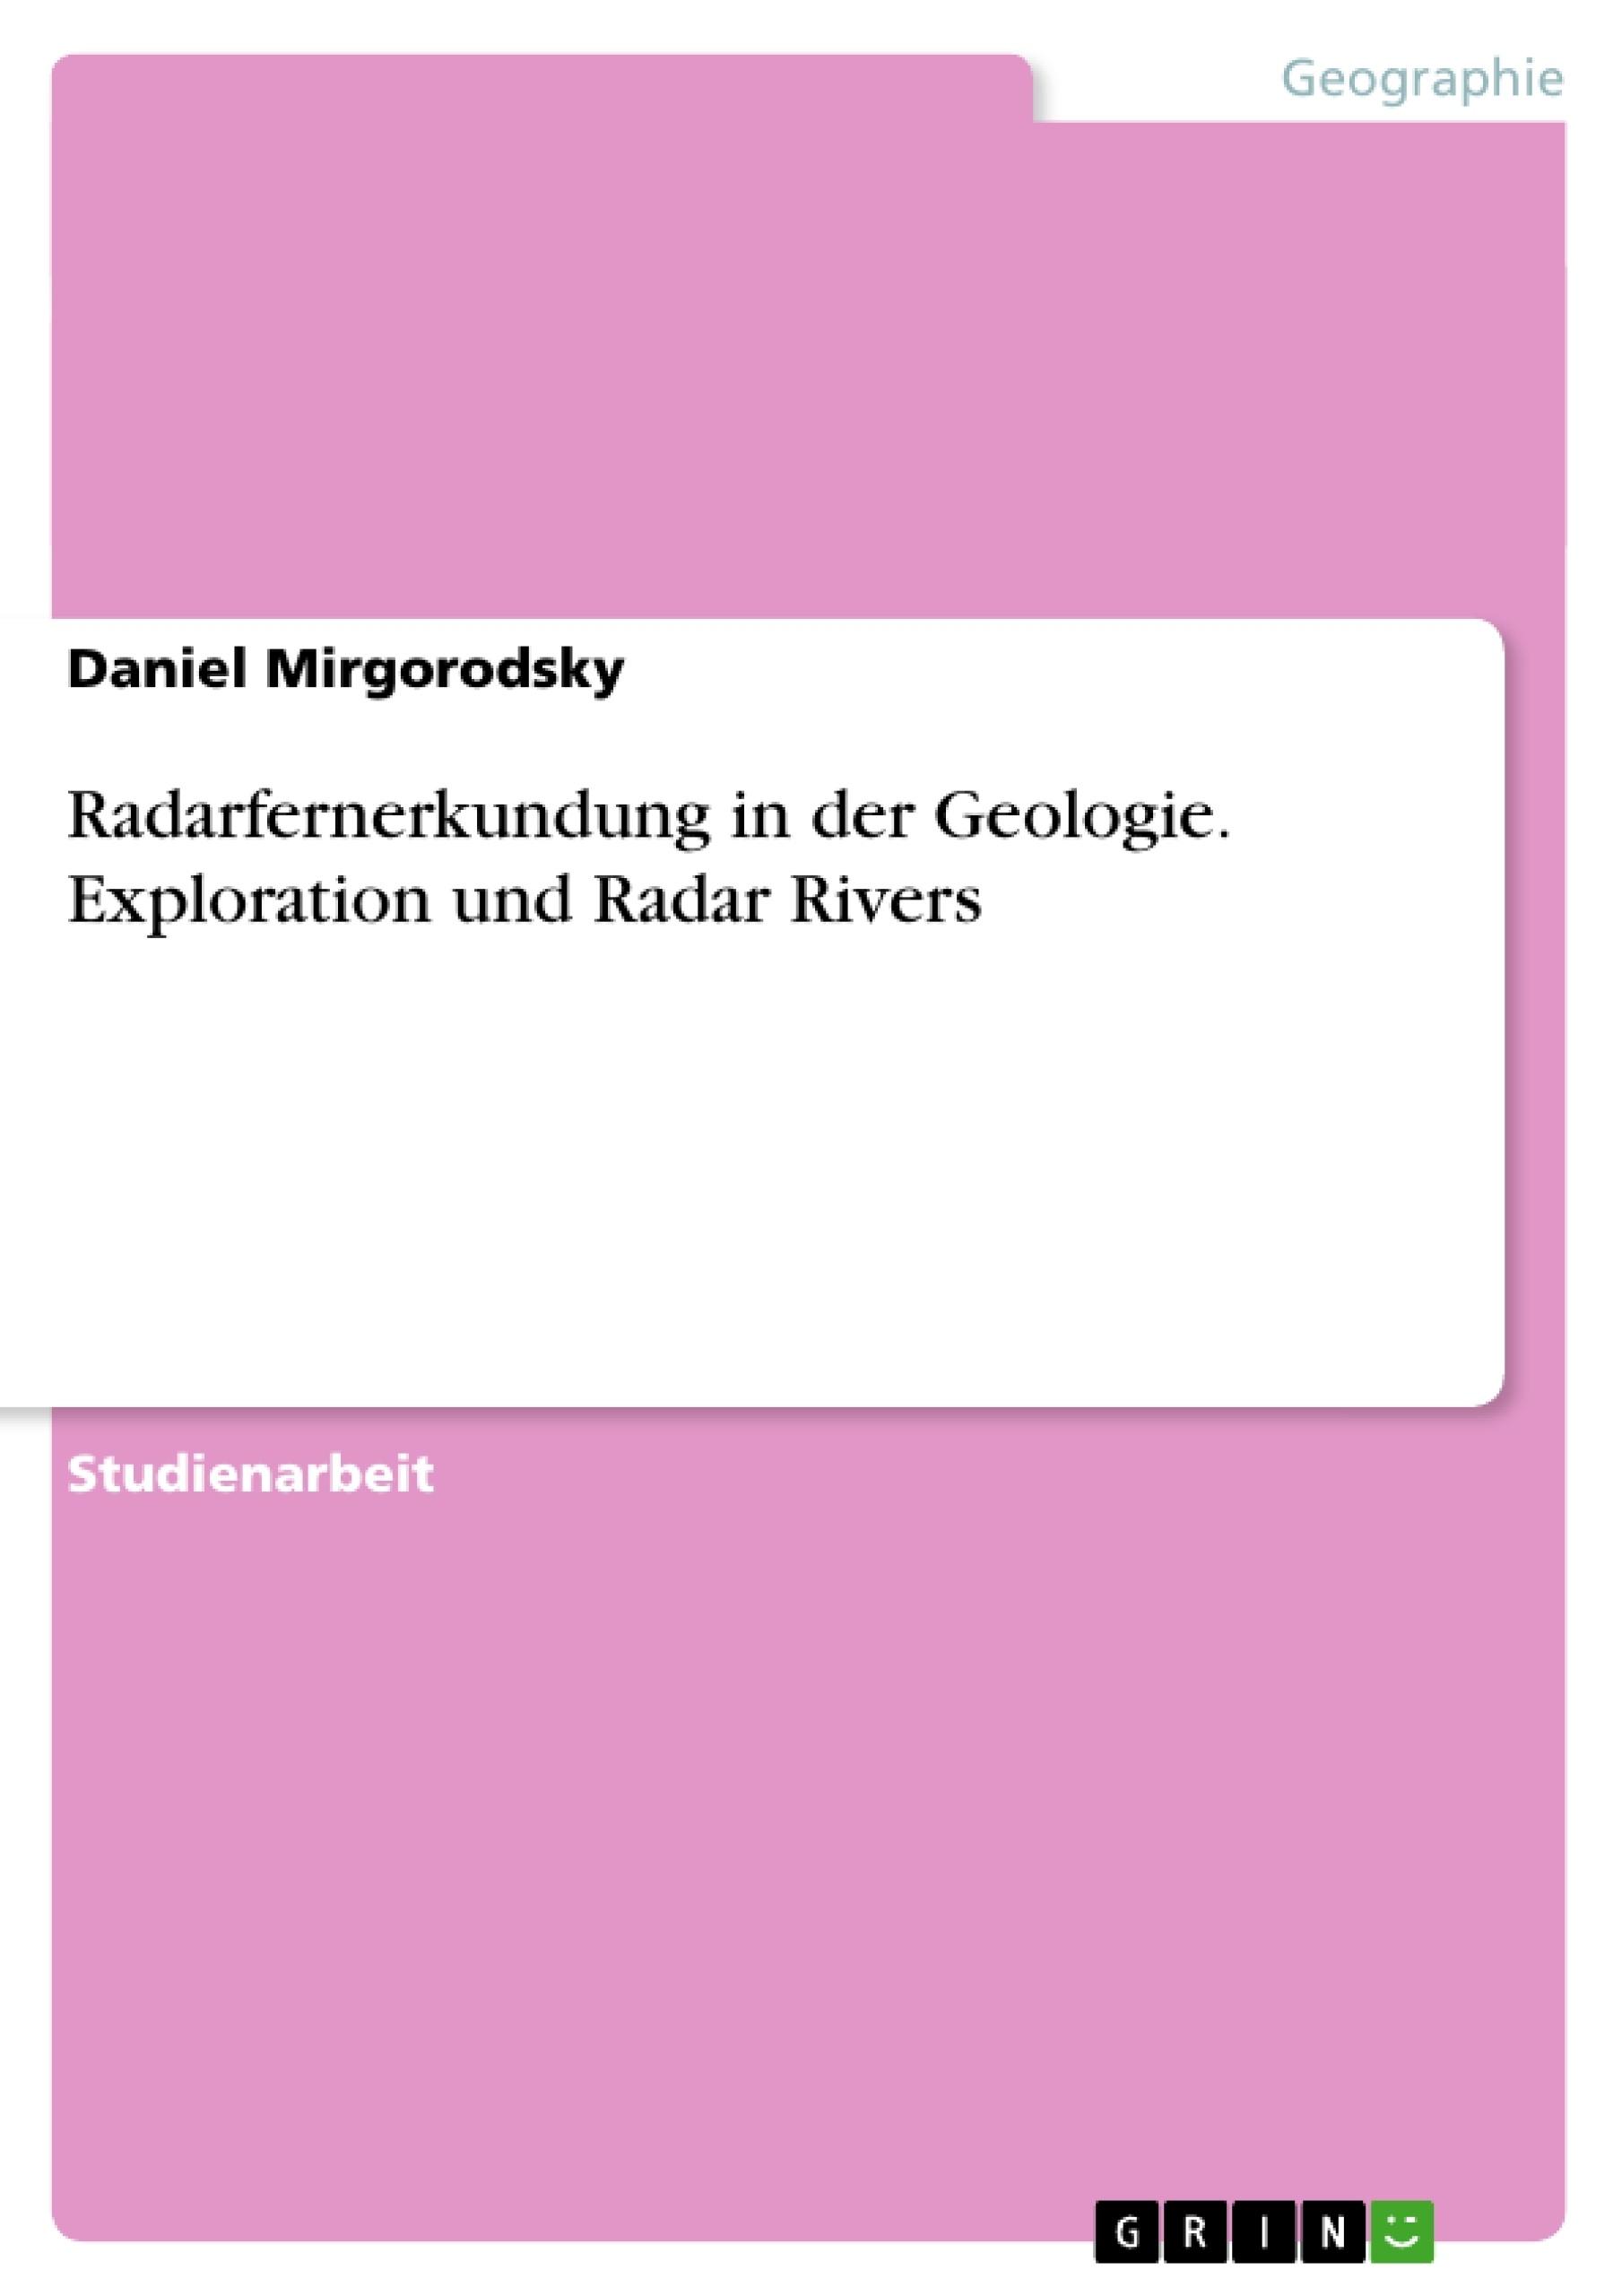 Titel: Radarfernerkundung in der Geologie. Exploration und Radar Rivers